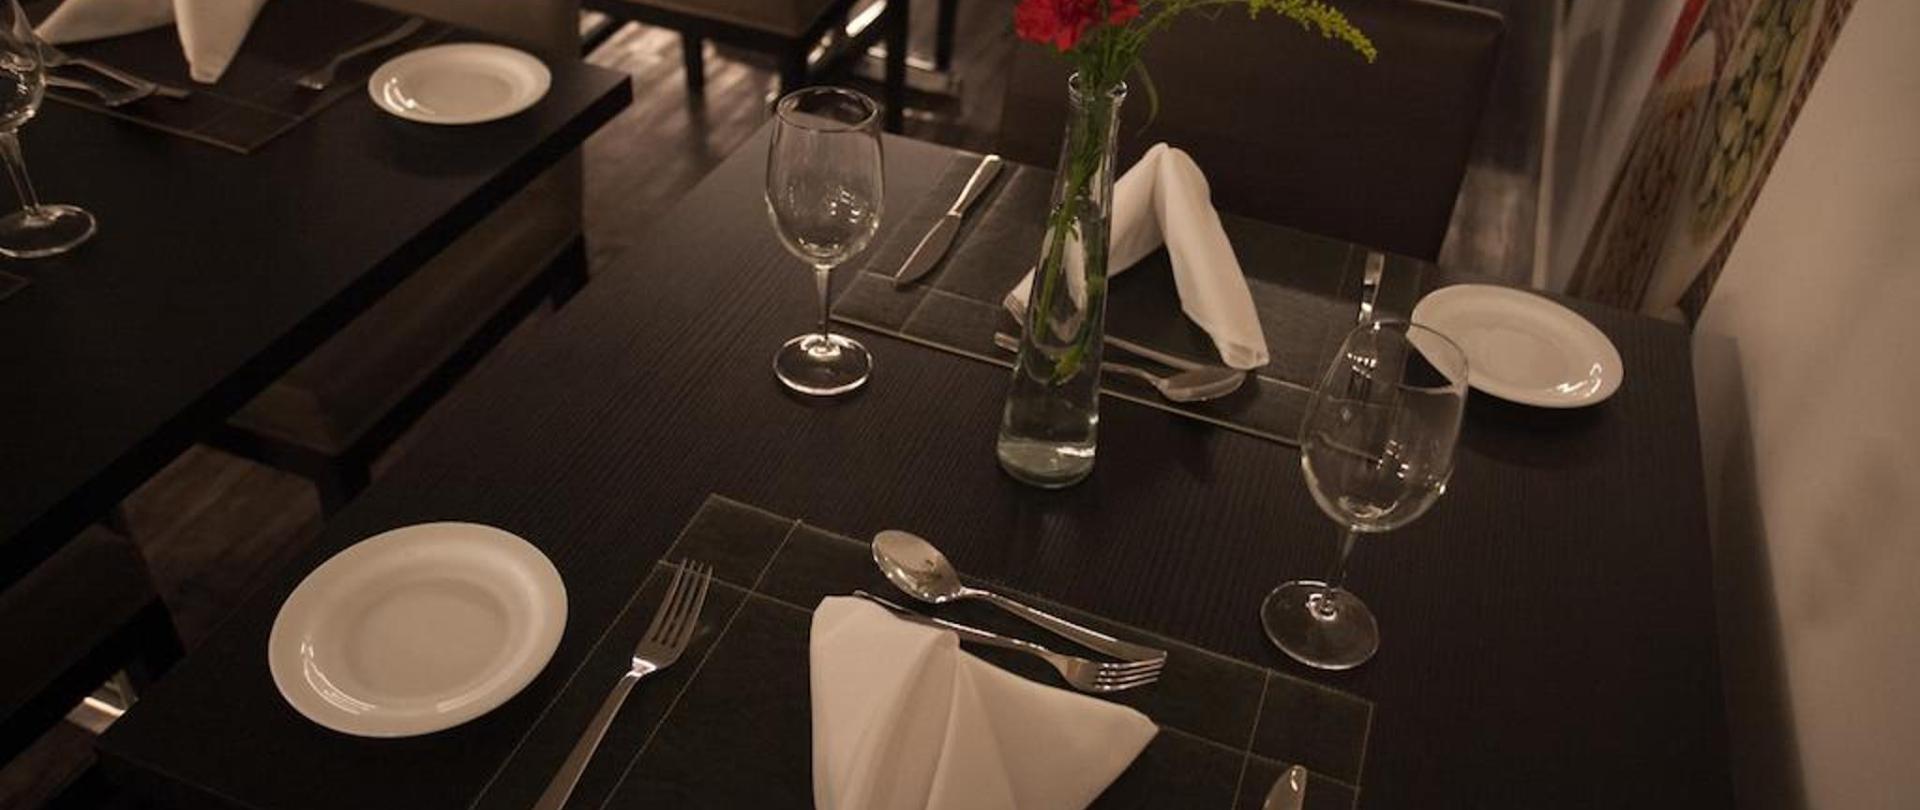 32_Restaurante 2.jpg